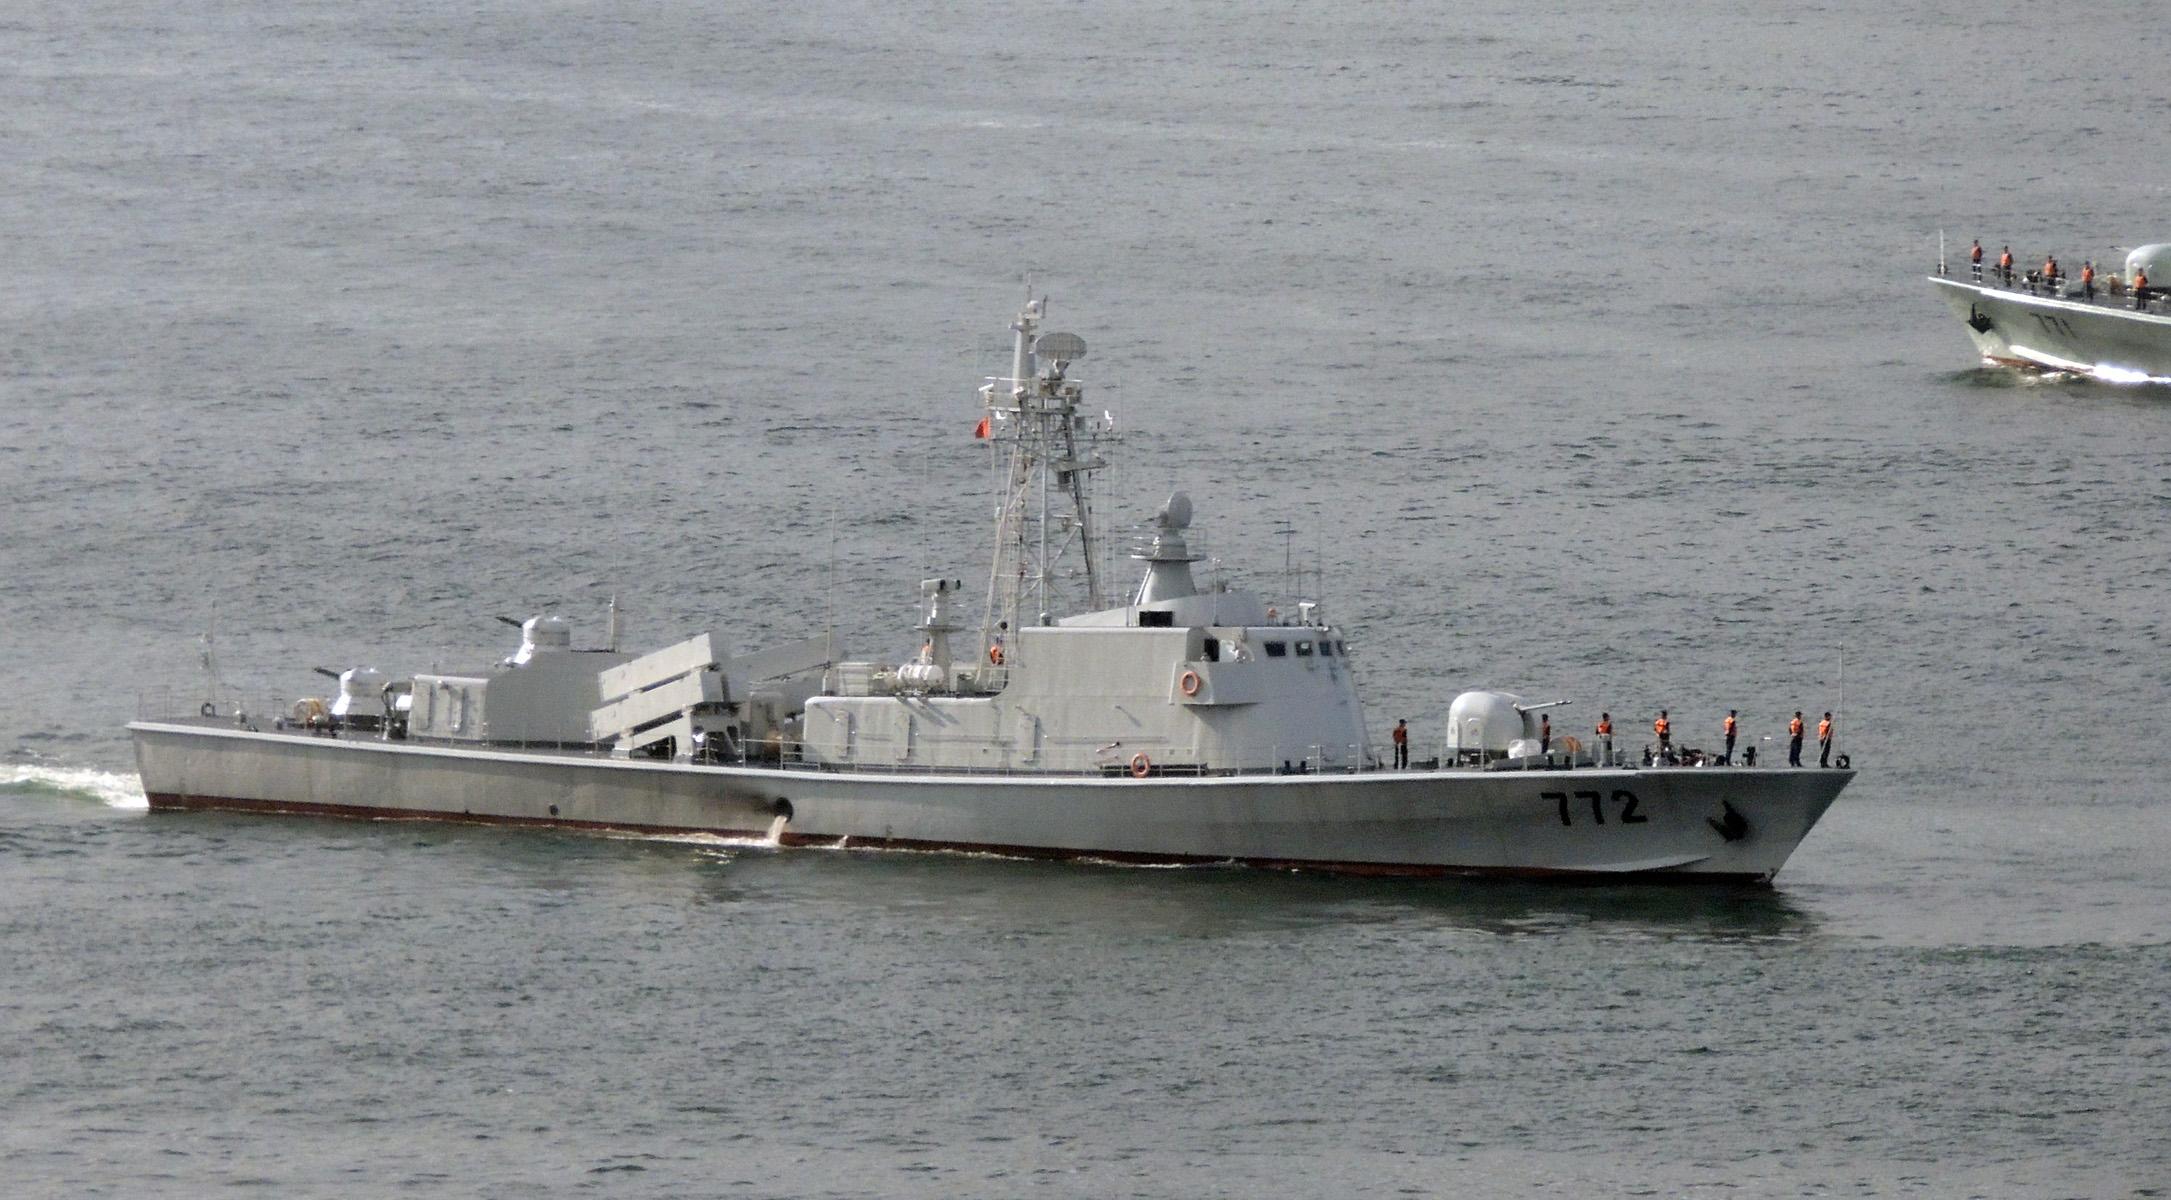 大隊 部隊 艦艇 大隊 037II 型 -772 導彈 艦 _2012a